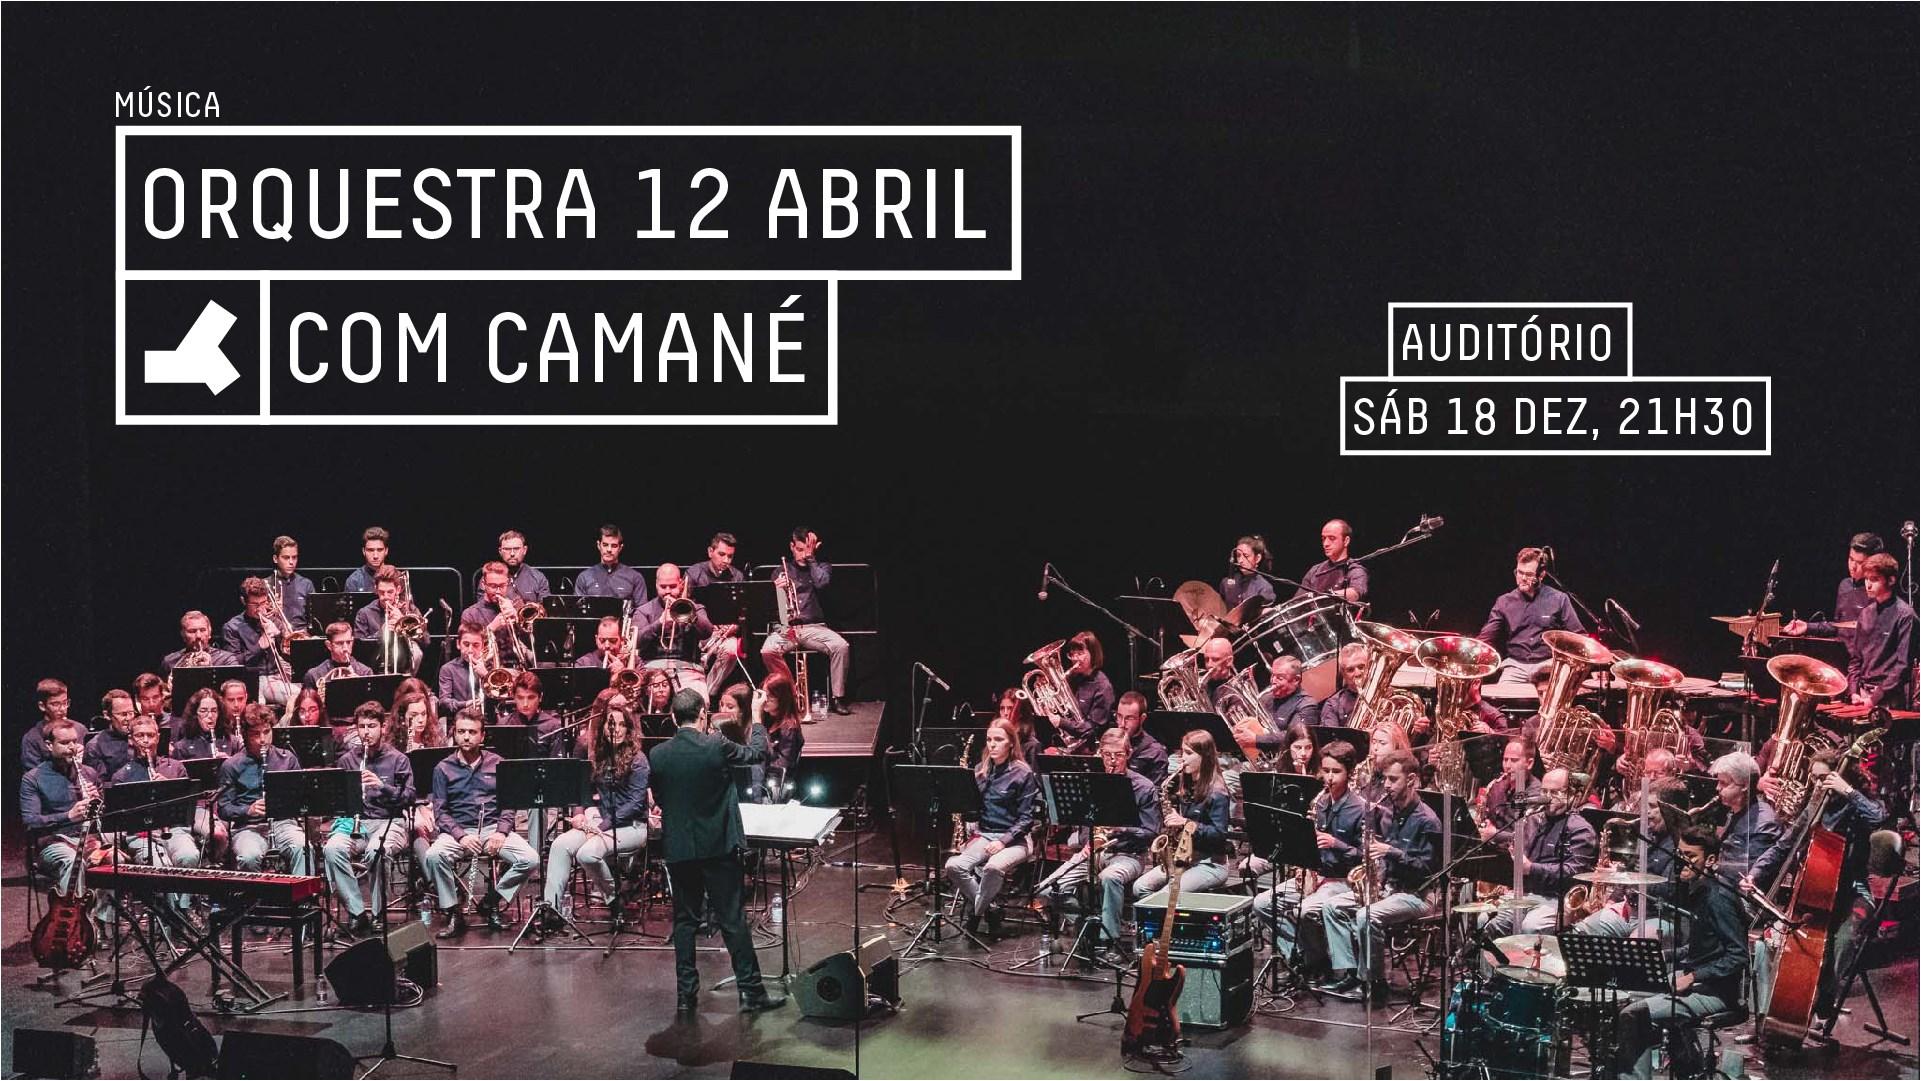 Orquestra 12 Abril com Camané